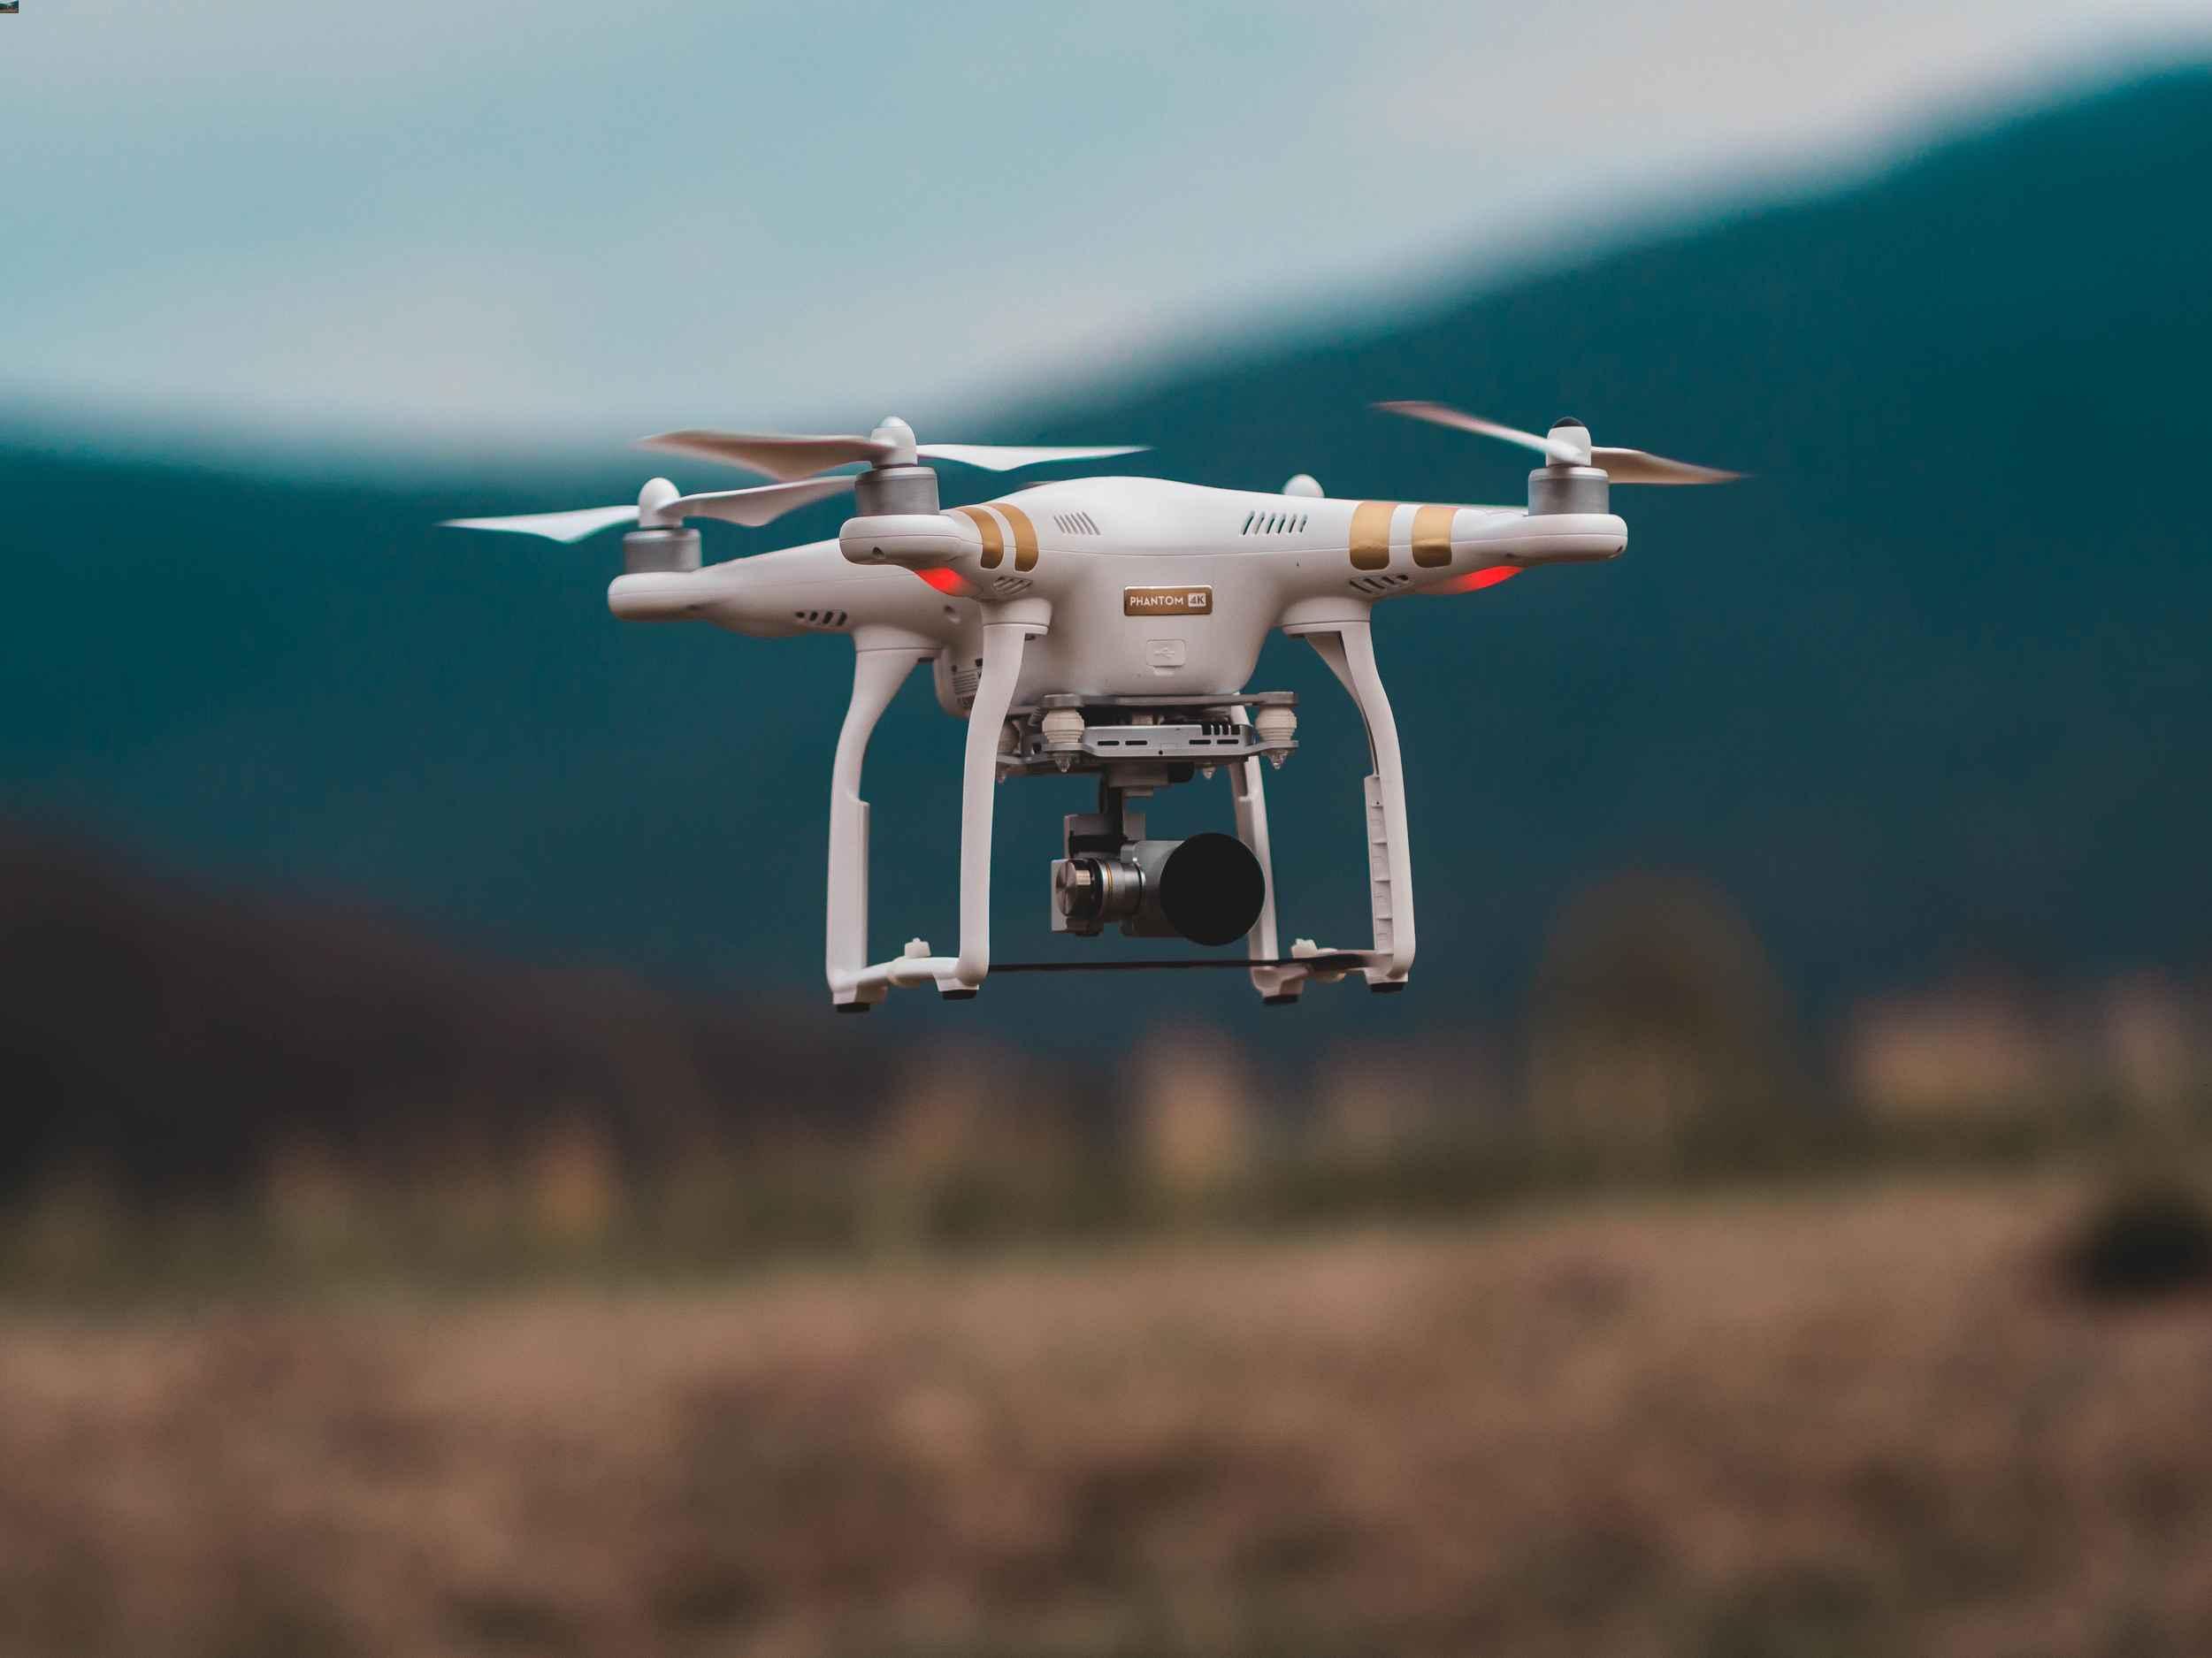 The Best Drones 2020